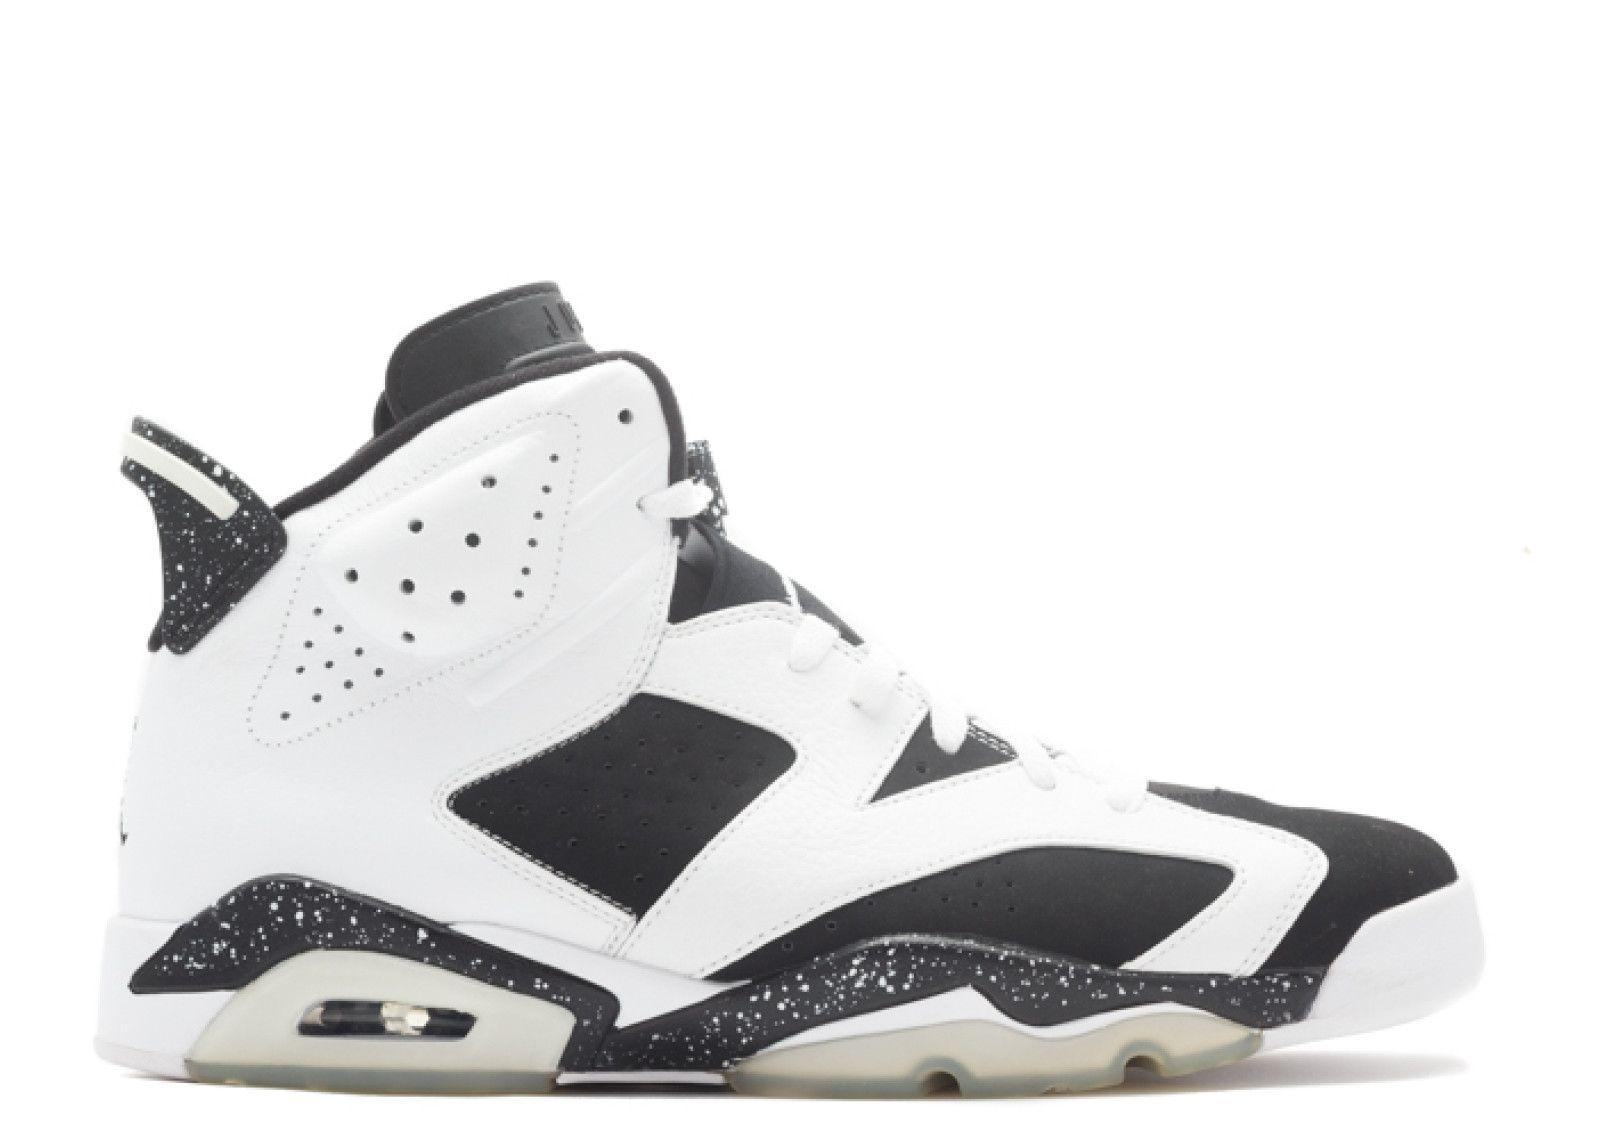 Authentic Air Jordan 6 Retro Oreo White Black